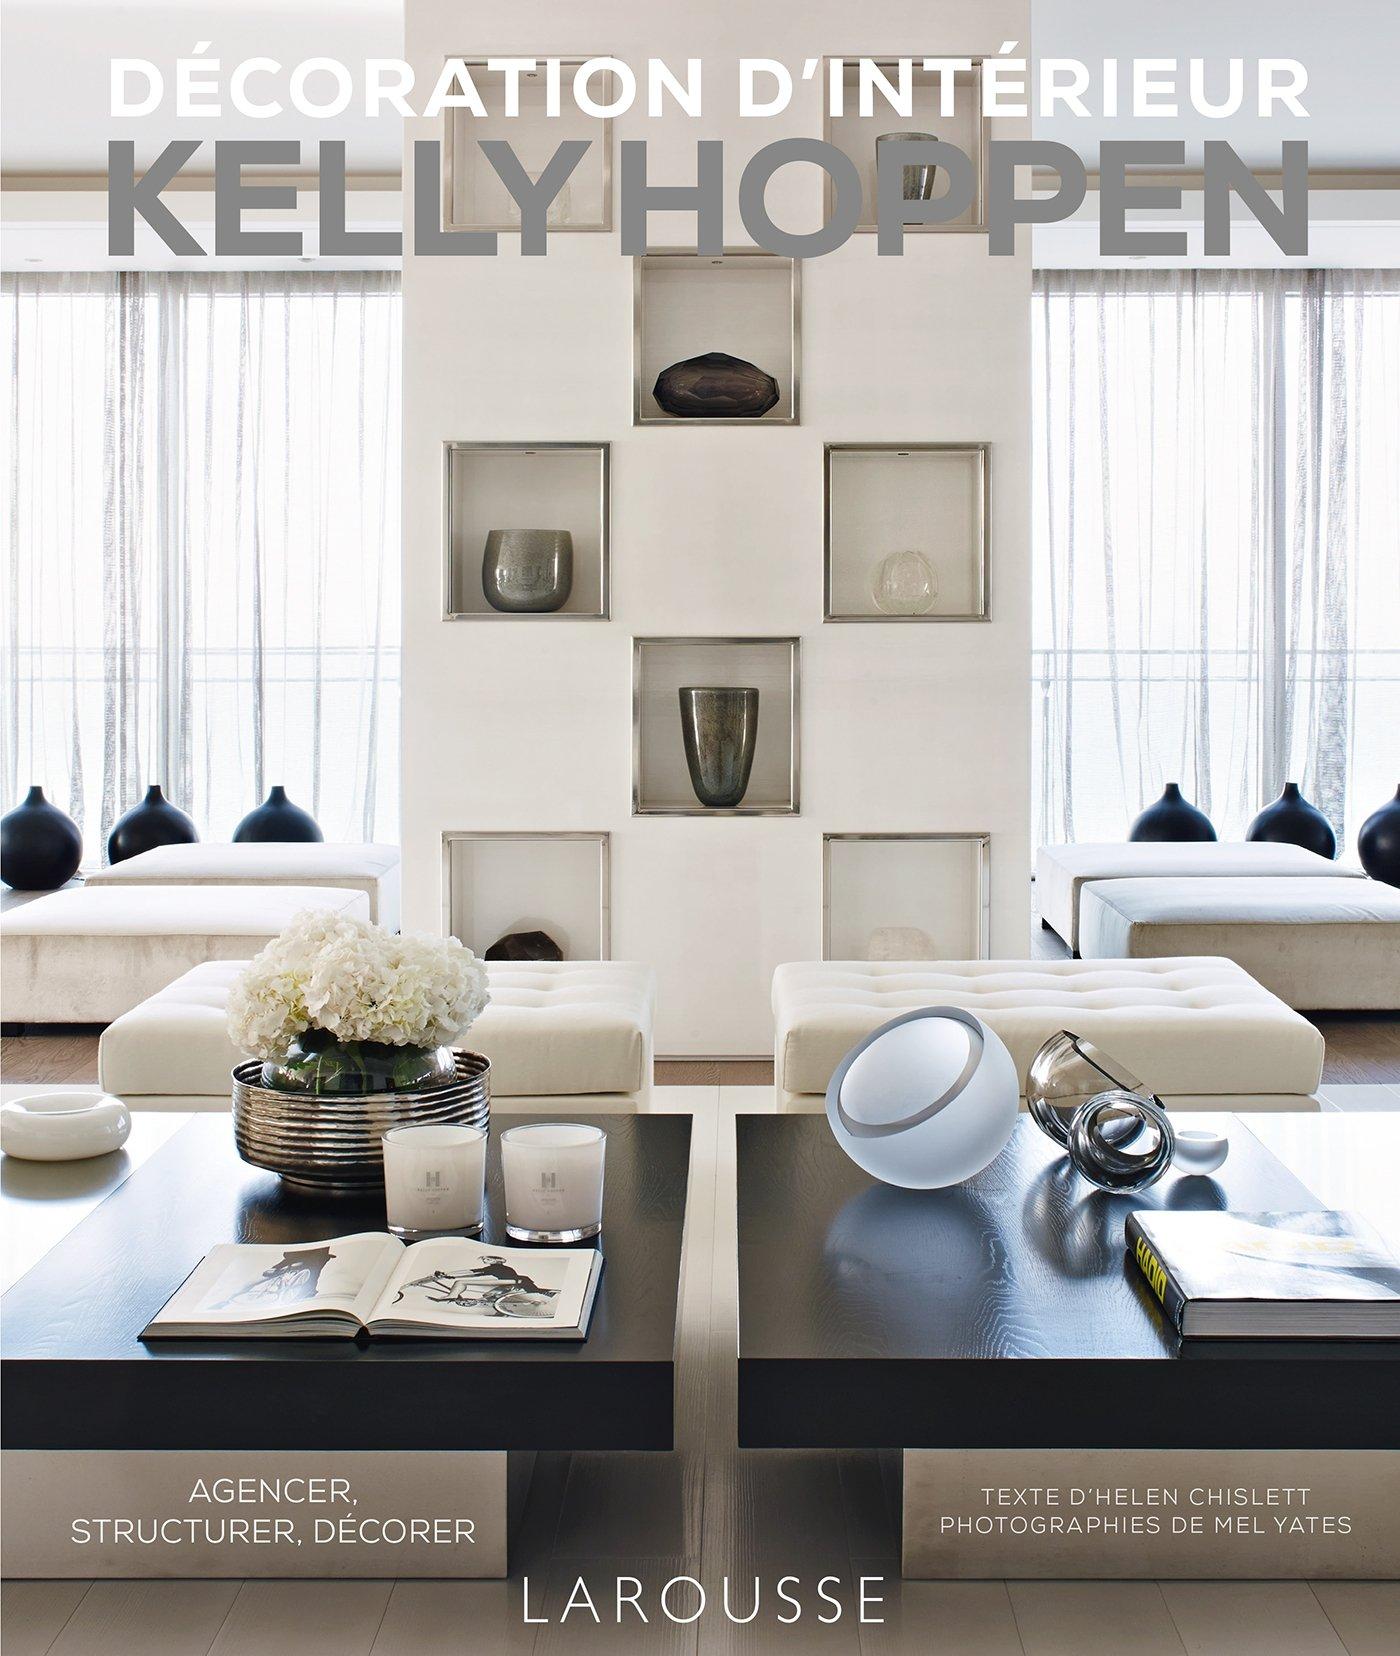 Décoration d\'intérieur Kelly Hoppen : Agencer, structurer, décorer ...